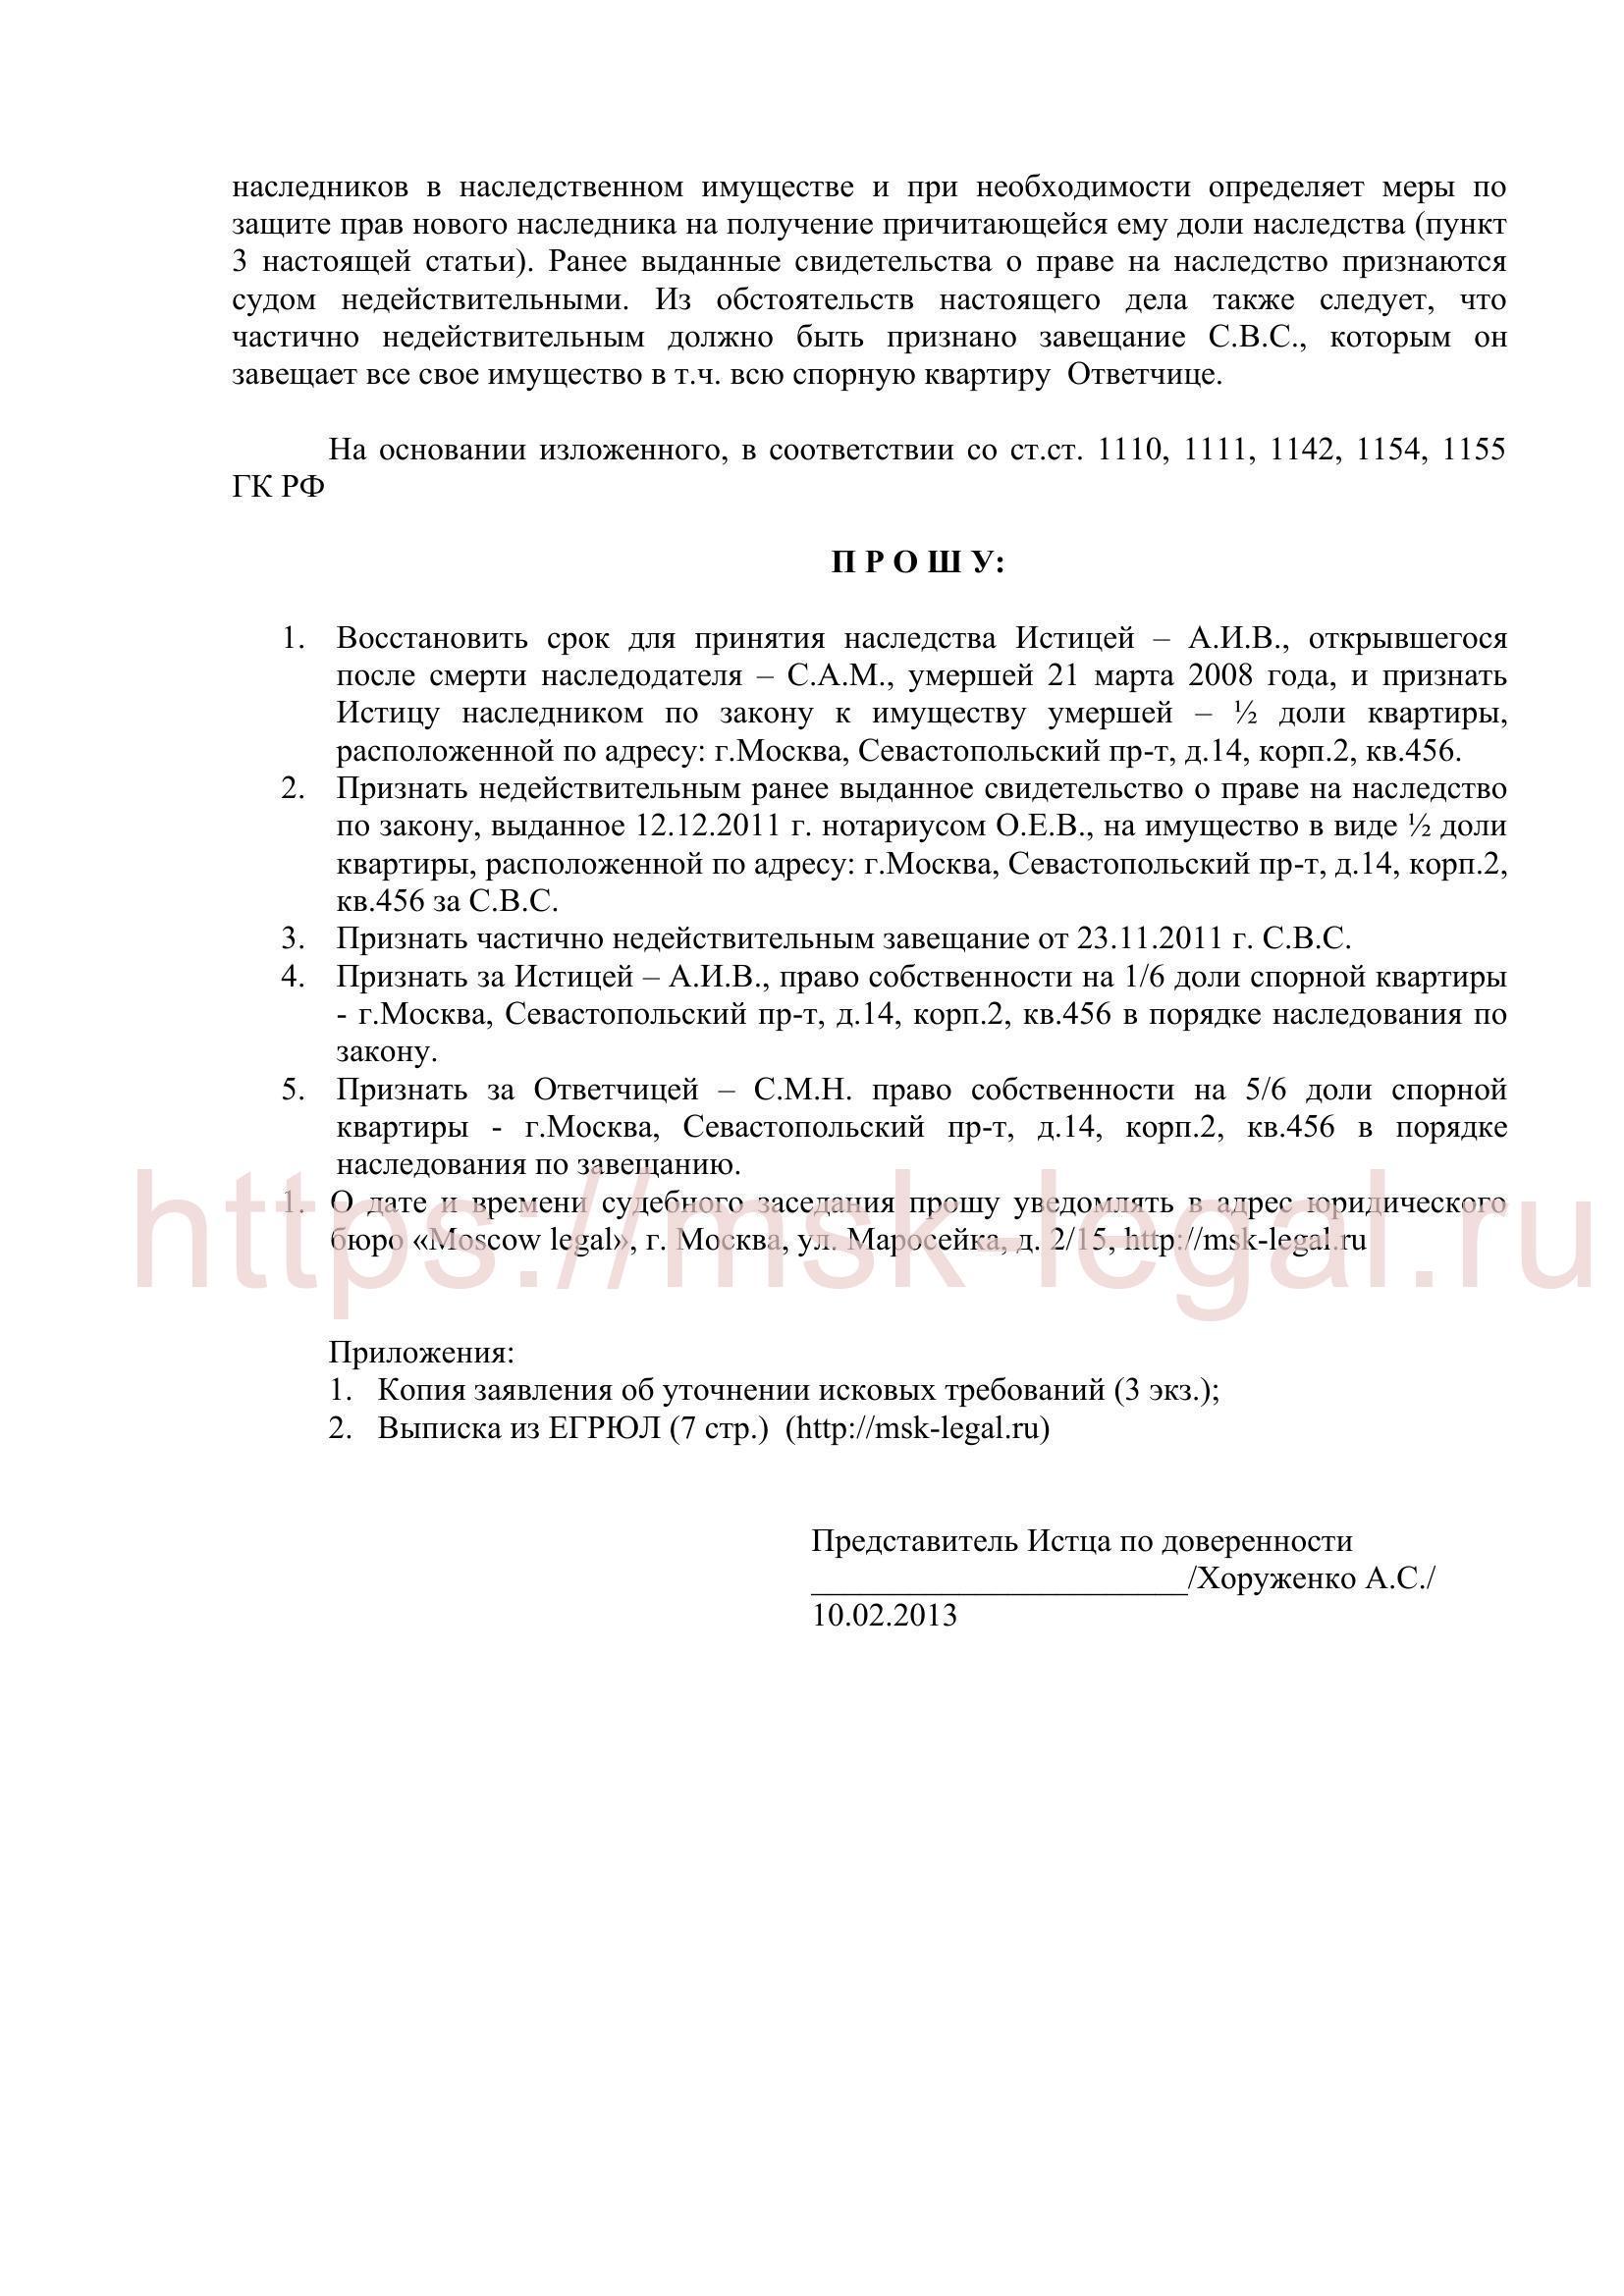 Иск о восстановлении срока на принятие наследства, признание права собственности на квартиру